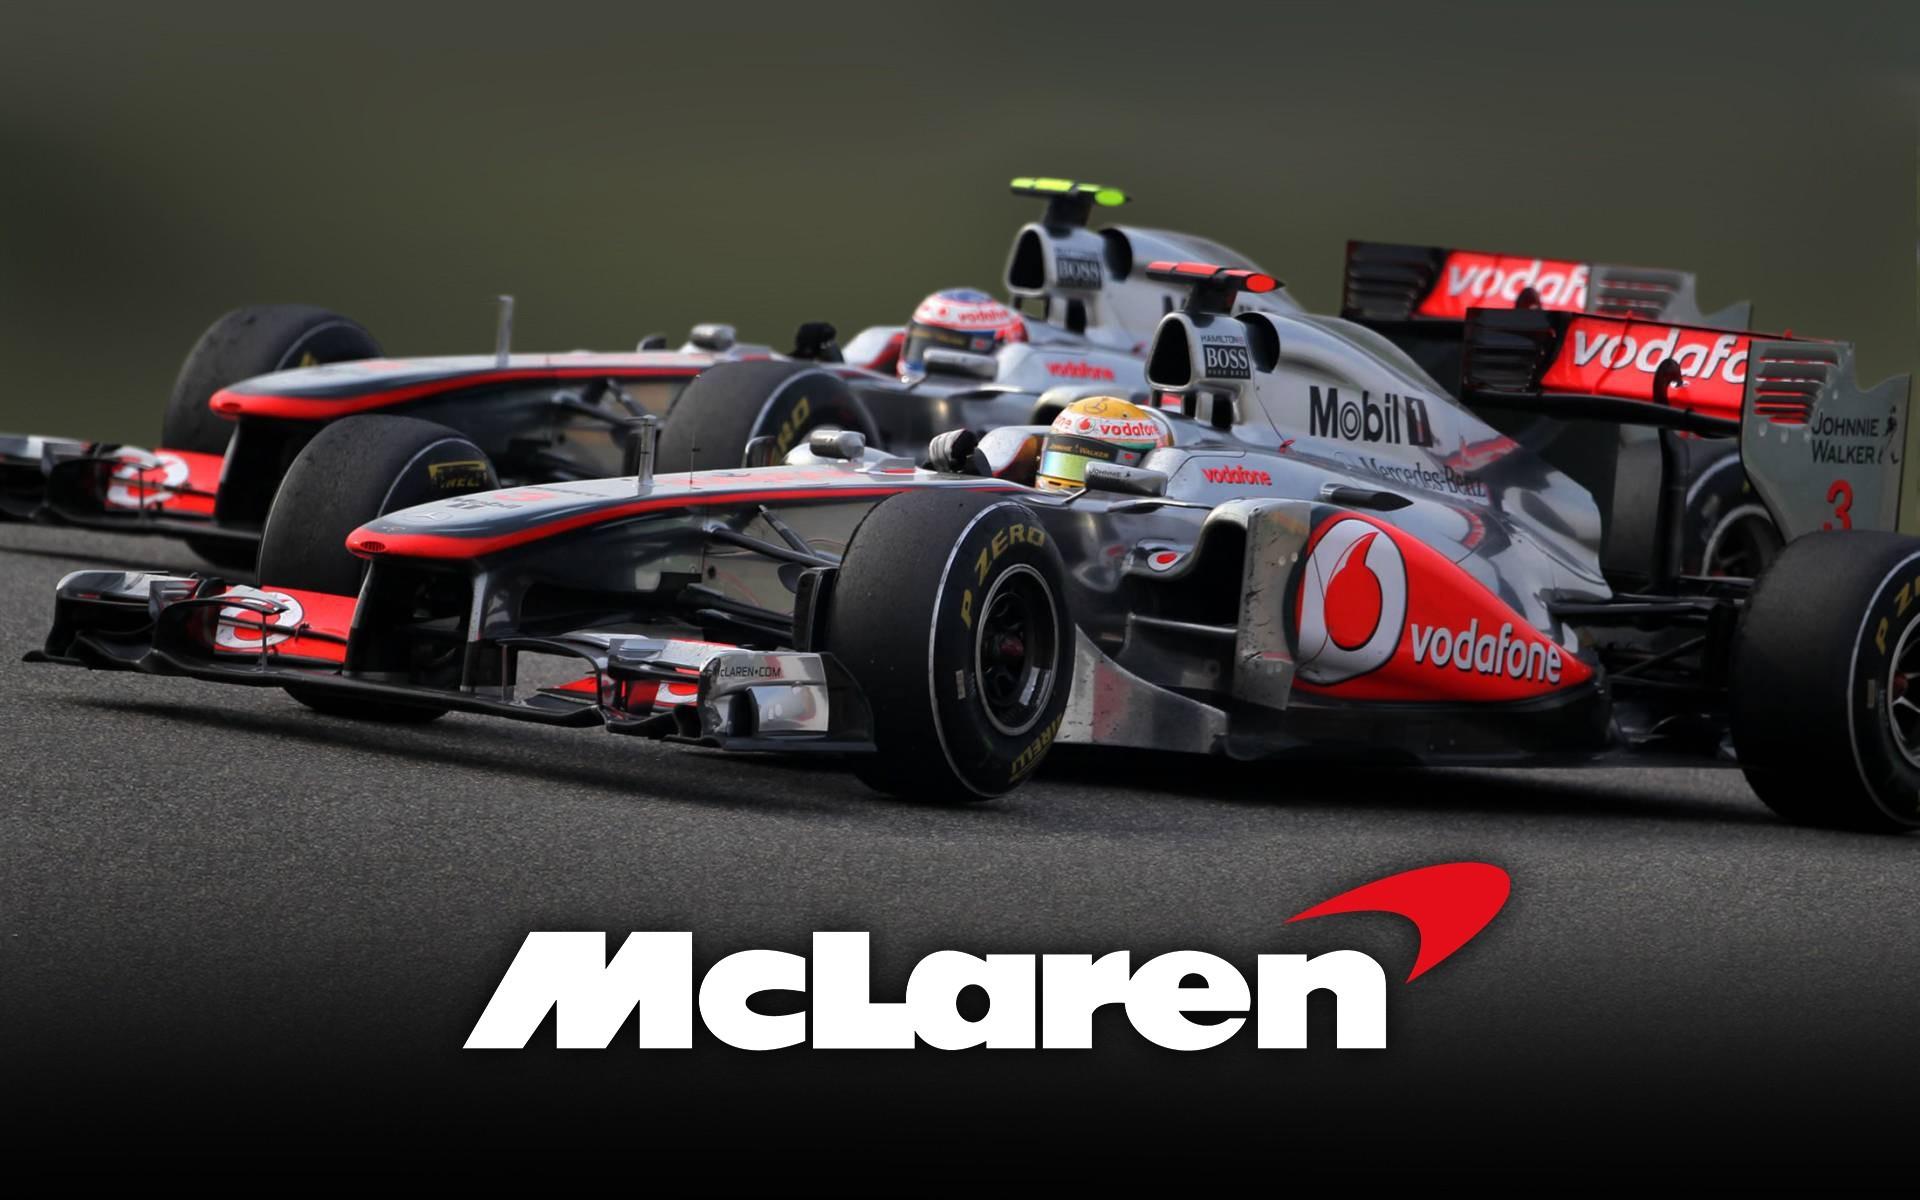 Mclaren F1 Wallpapers | Best HD Desktop Wallpapers, Widescreen .